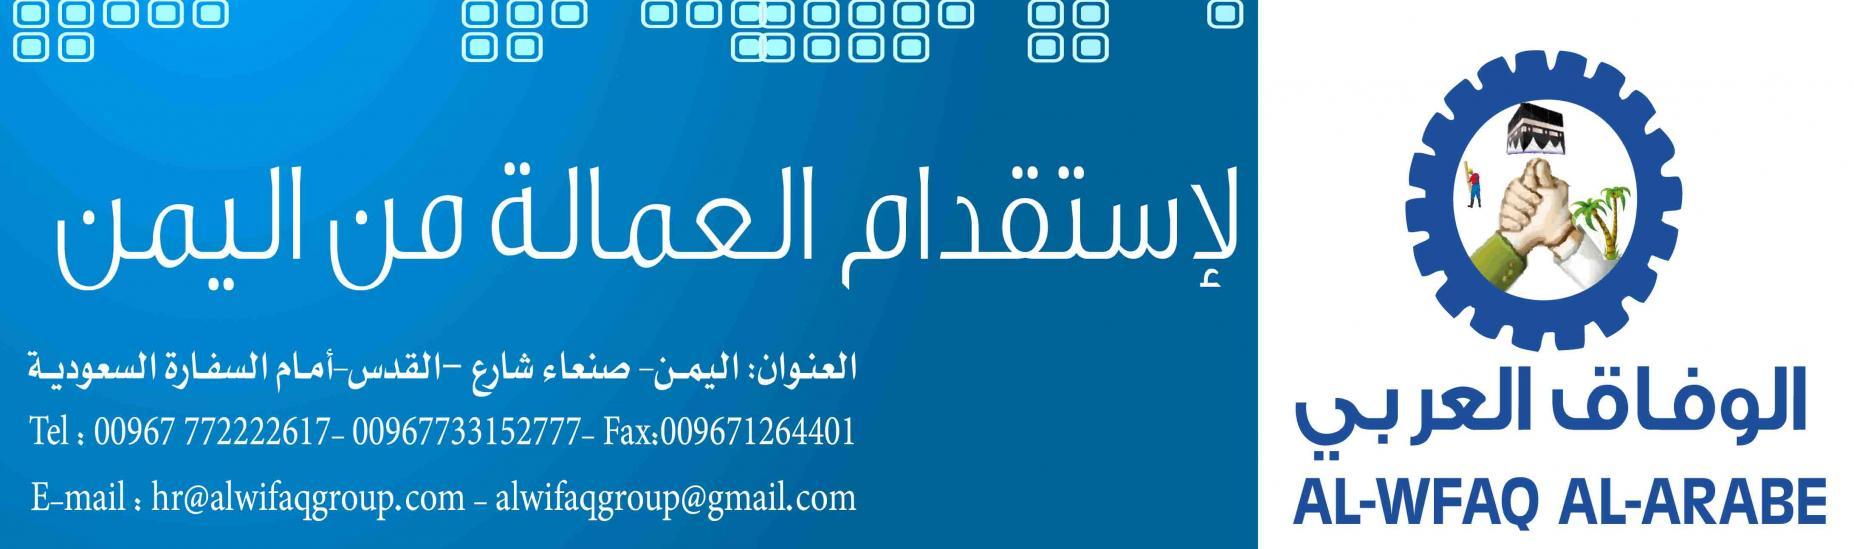 مكتب استقدام العمالة من اليمن-الوفاق العربي.jpg